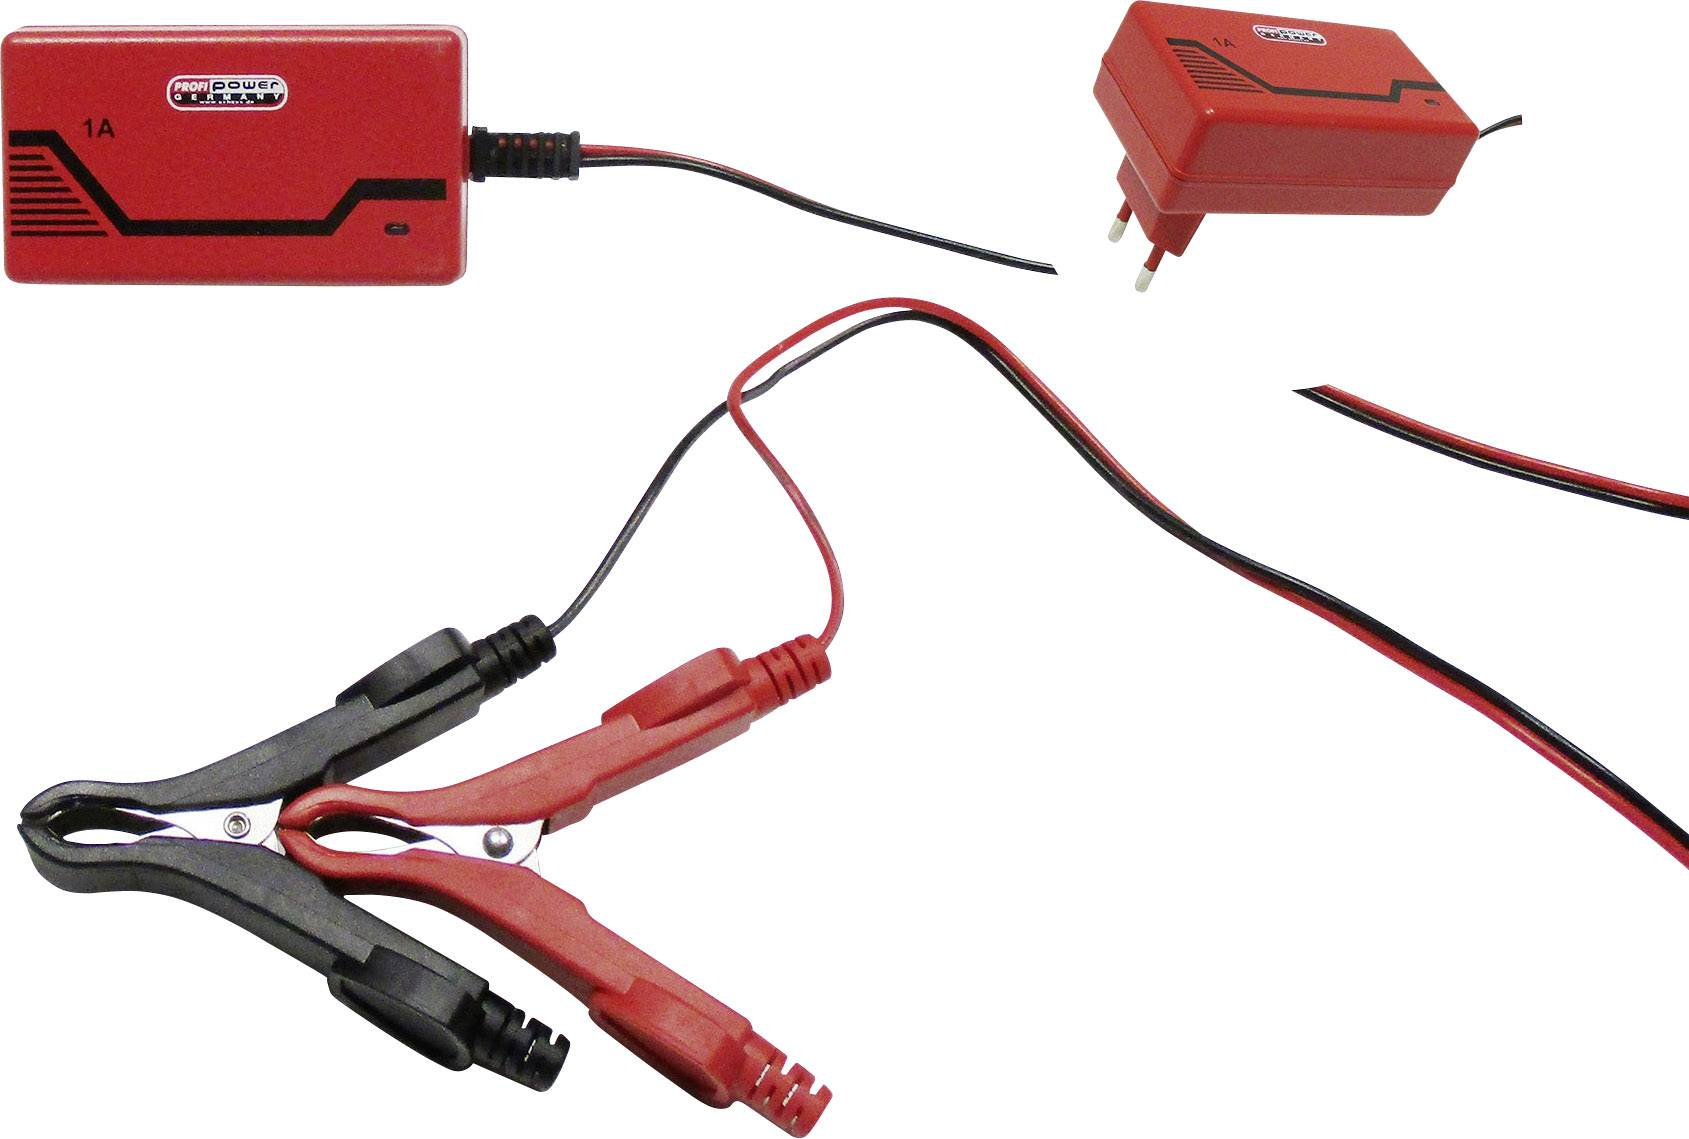 Nabíjačka autobatérie Profi Power 2913906, 6 V, 12 V, 1 A, 1 A